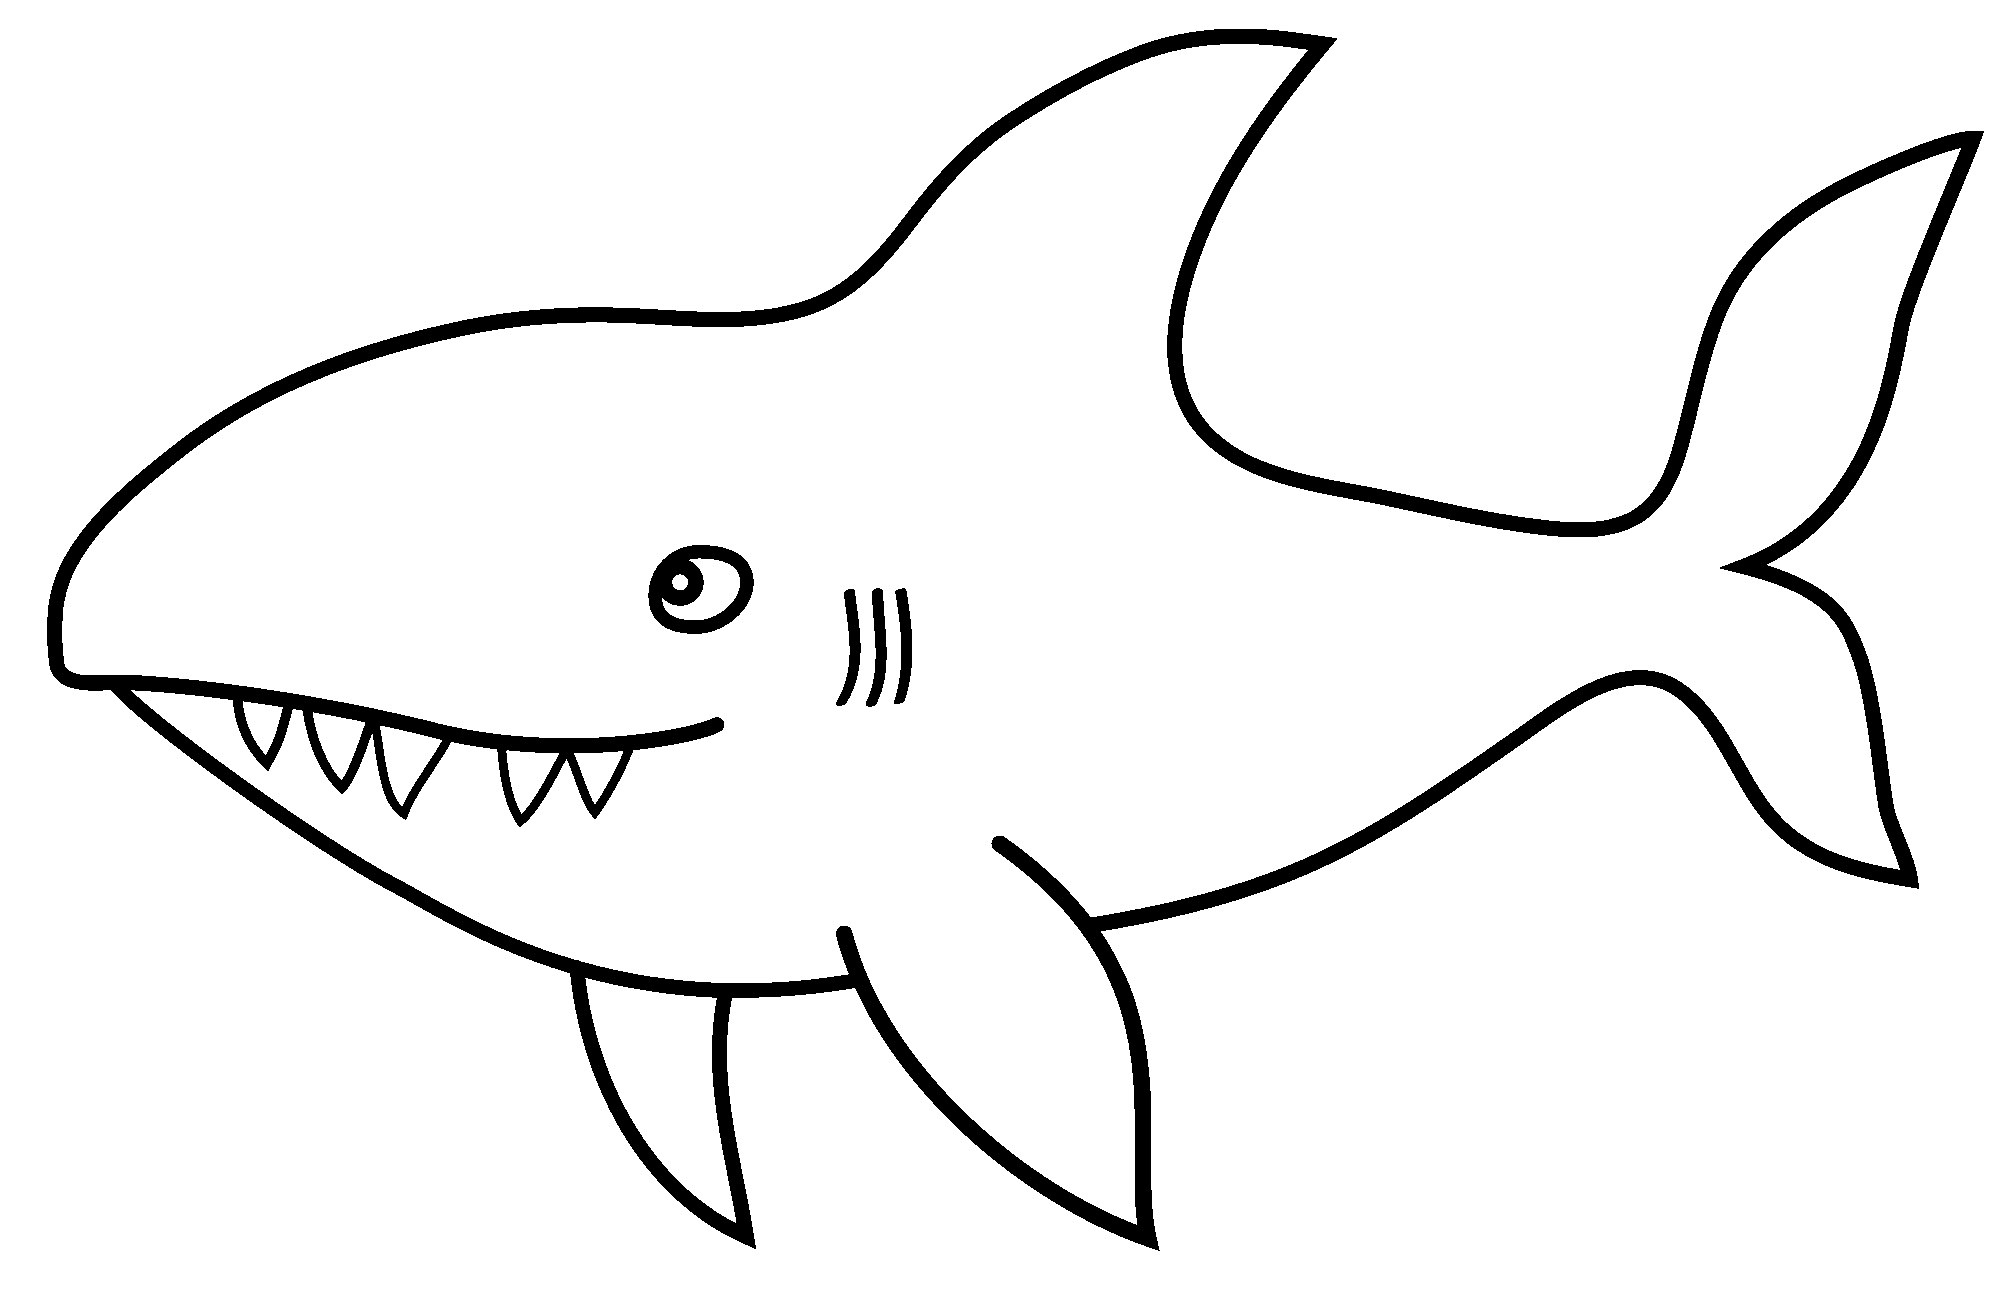 Coloriages De Requins À Imprimer - Coloriage À Imprimer serapportantà Coloriage Requin À Imprimer